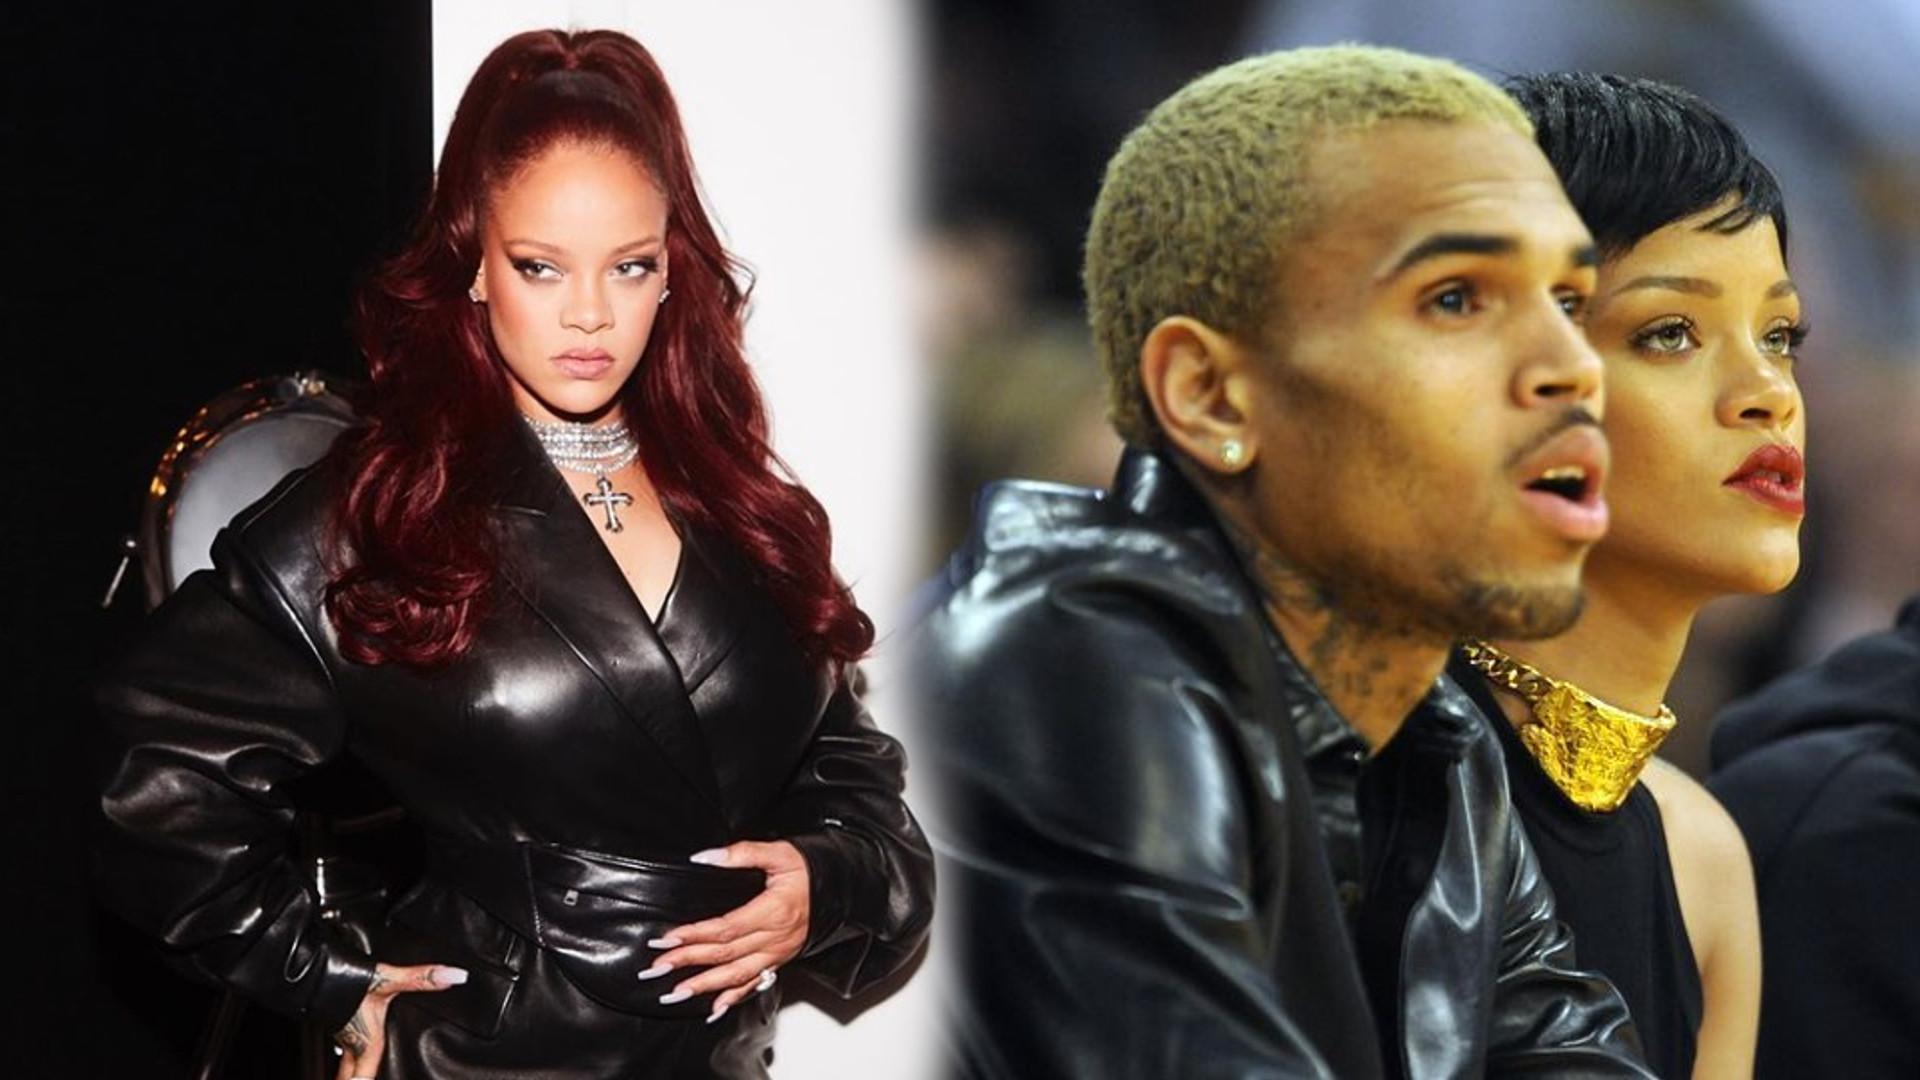 Chris Brown podrywa Rihannę na Instagramie. Fani wokalistki są WŚCIEKLI!